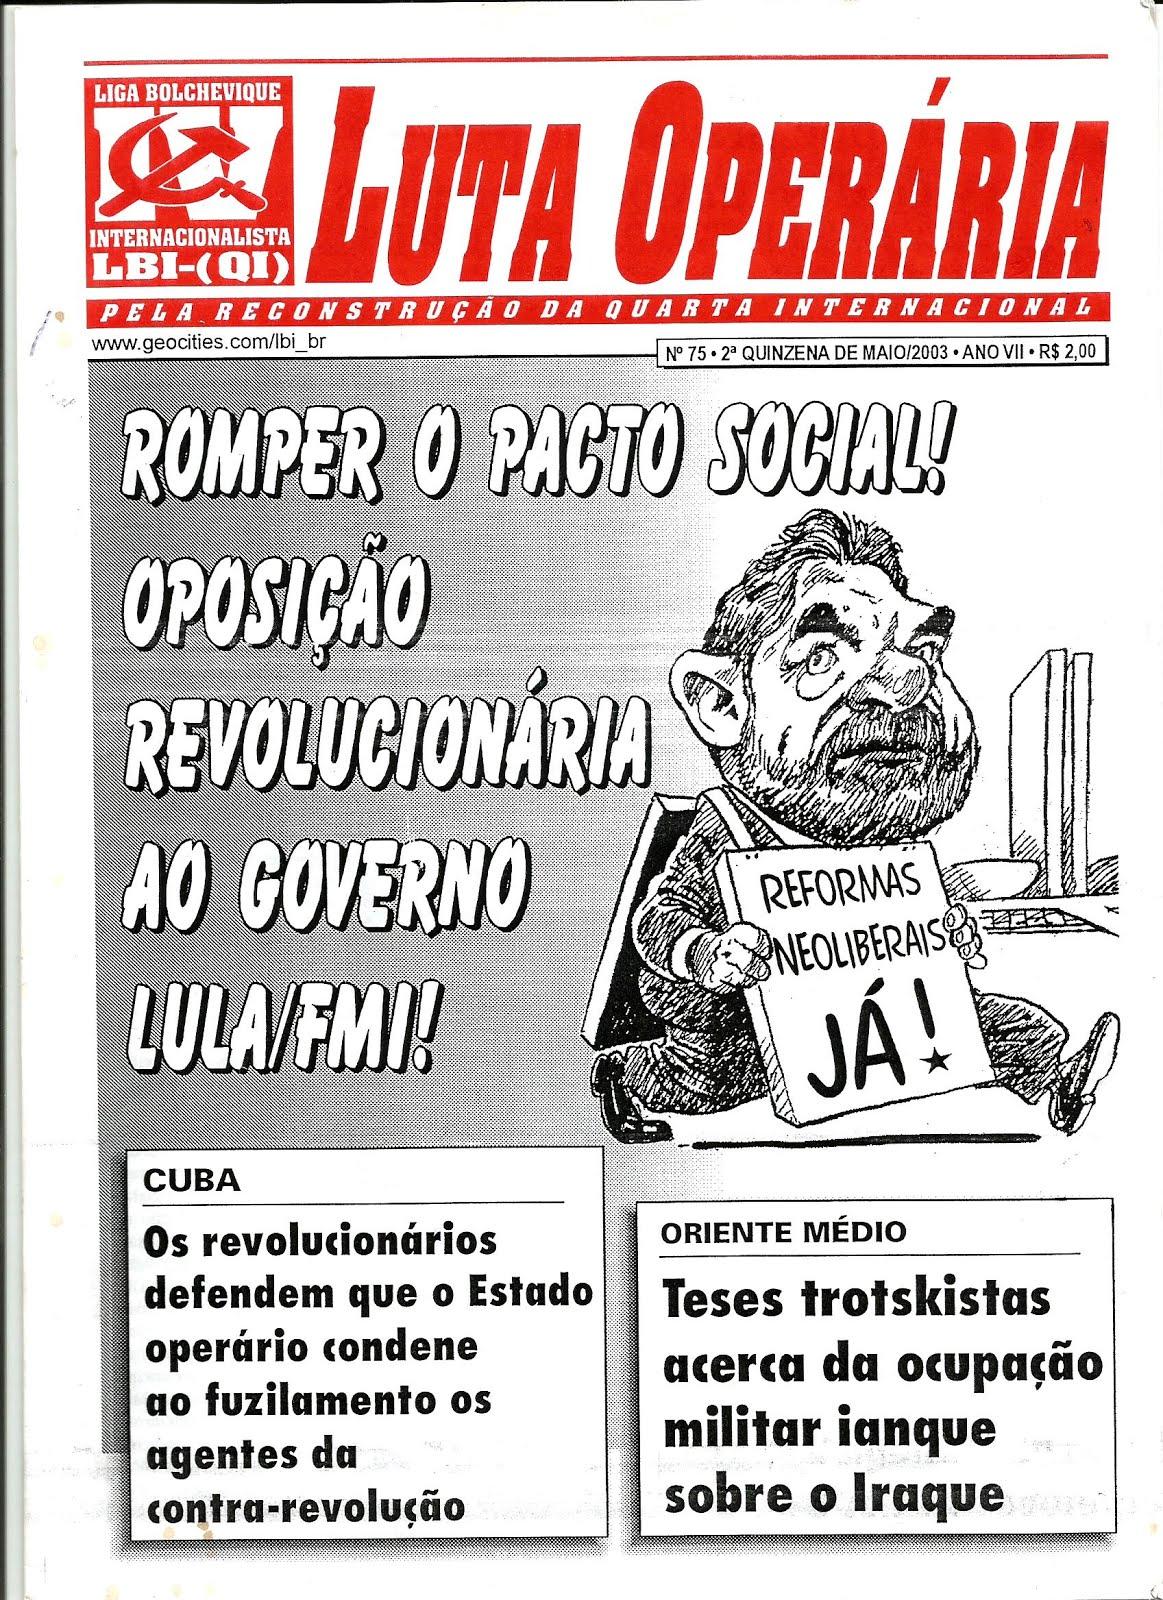 LEIA A EDIÇÃO DO JORNAL LUTA OPERÁRIA Nº 75, 2ª QUINZ. DE MAIO/2003